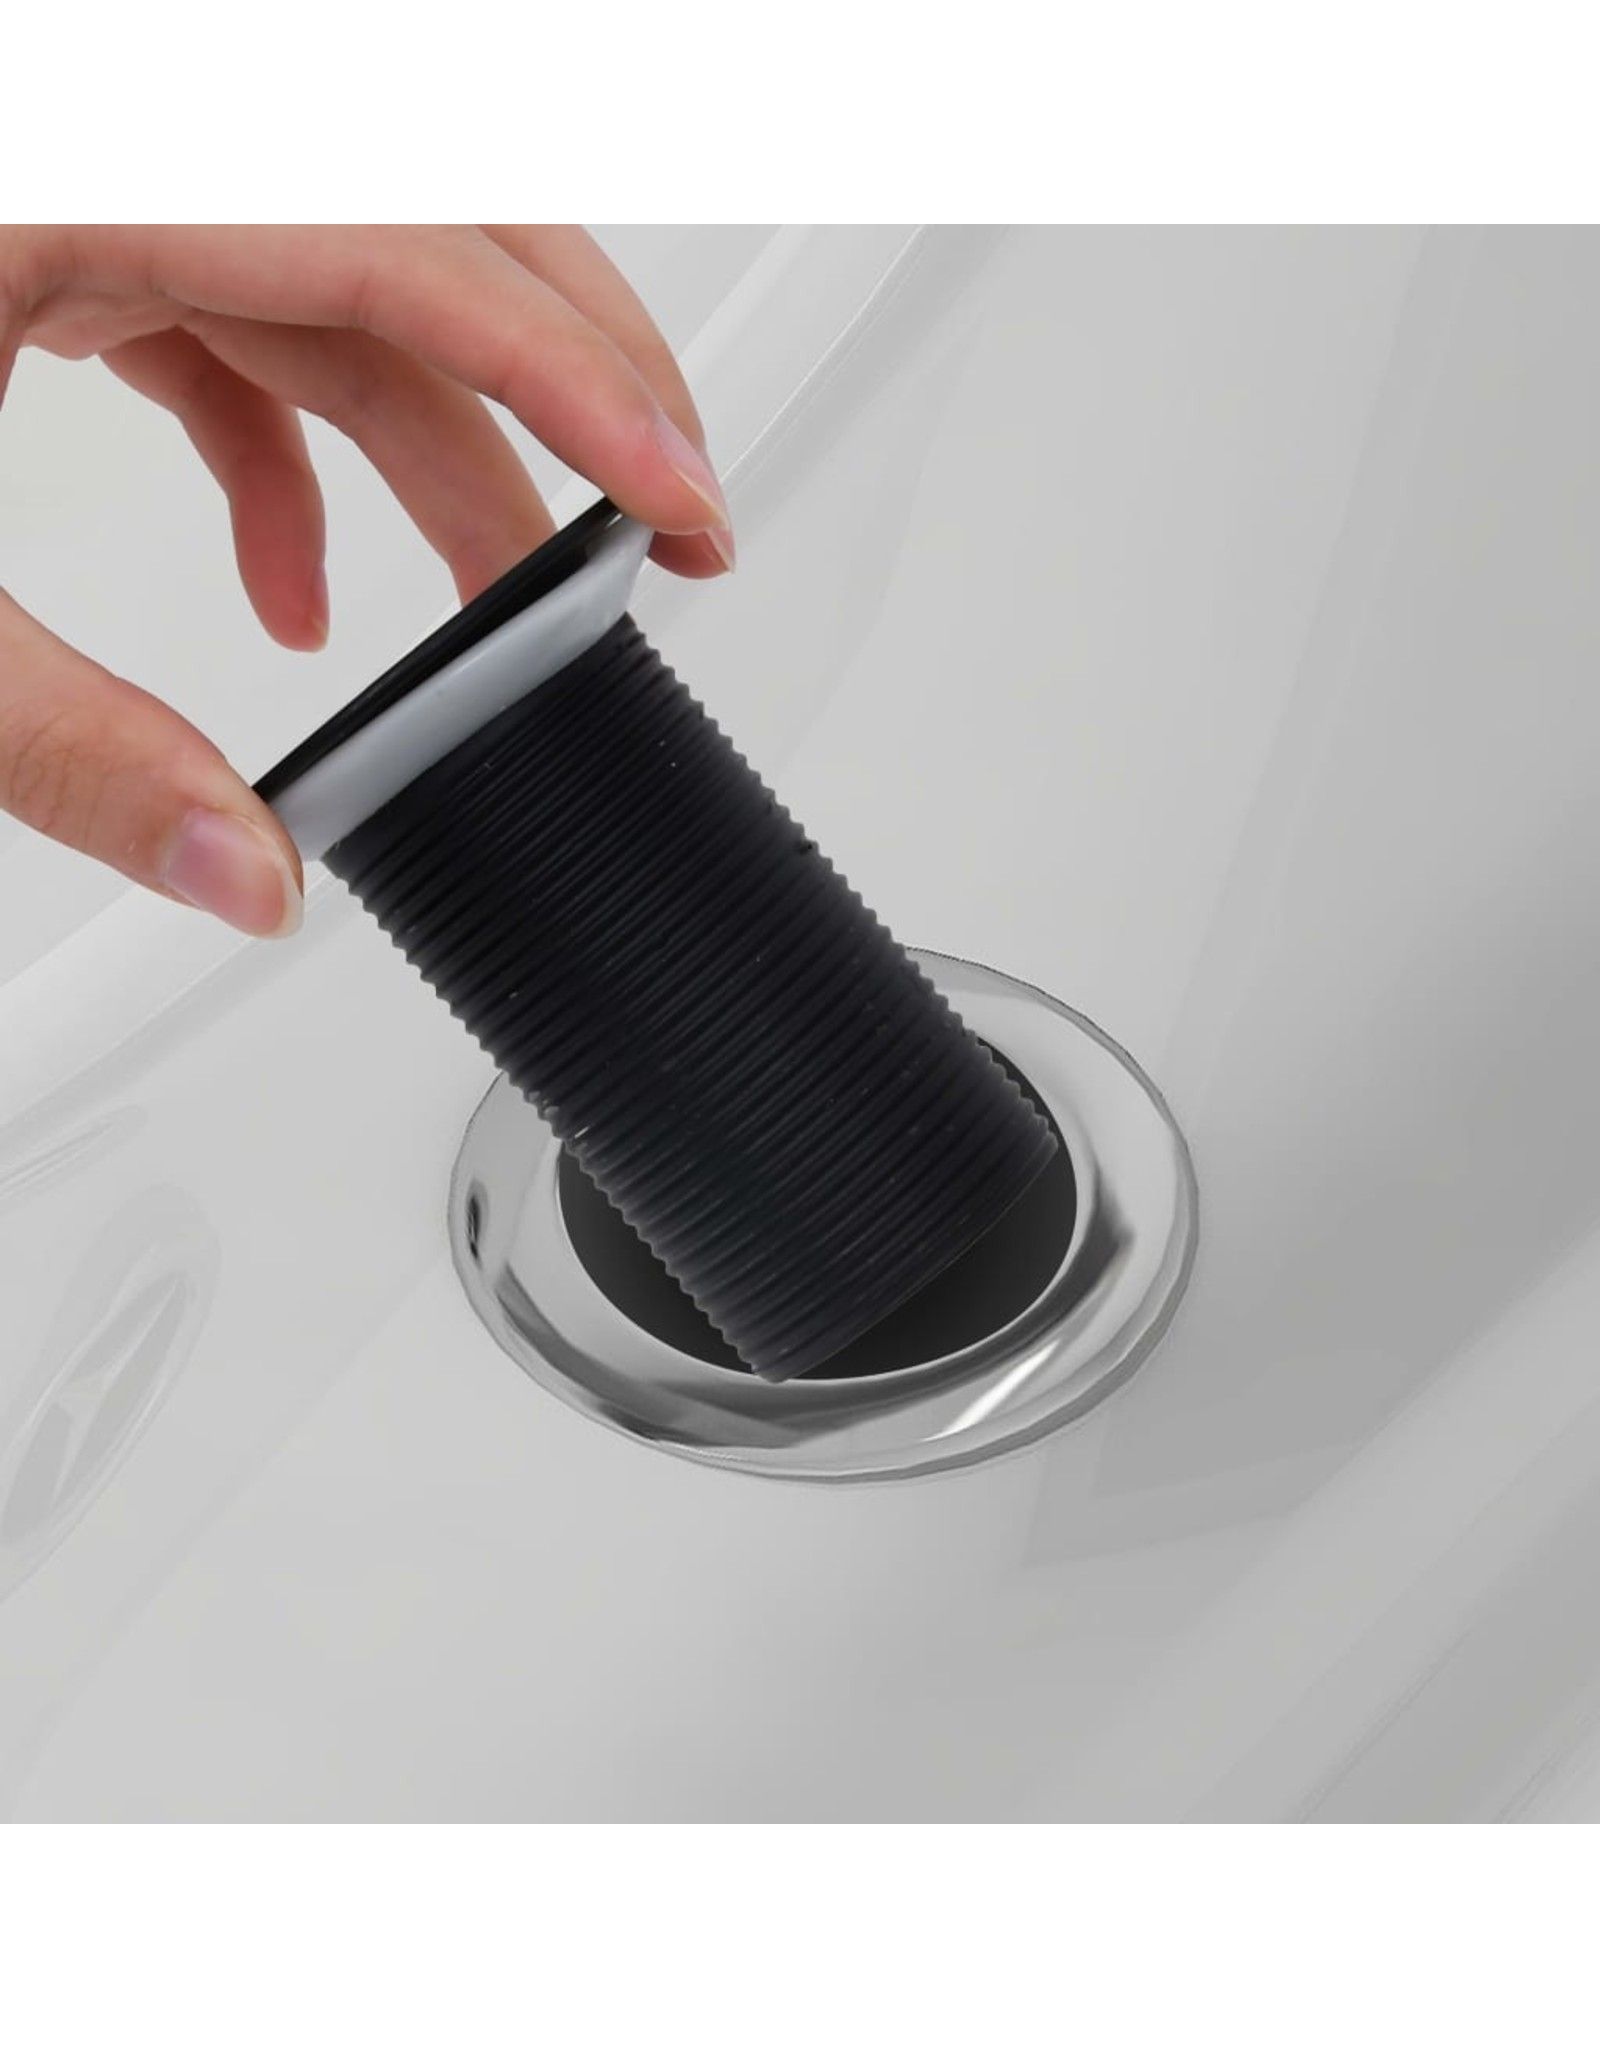 Afvoer pop-up zonder overloop 6,4x6,4x9,1 cm zwart